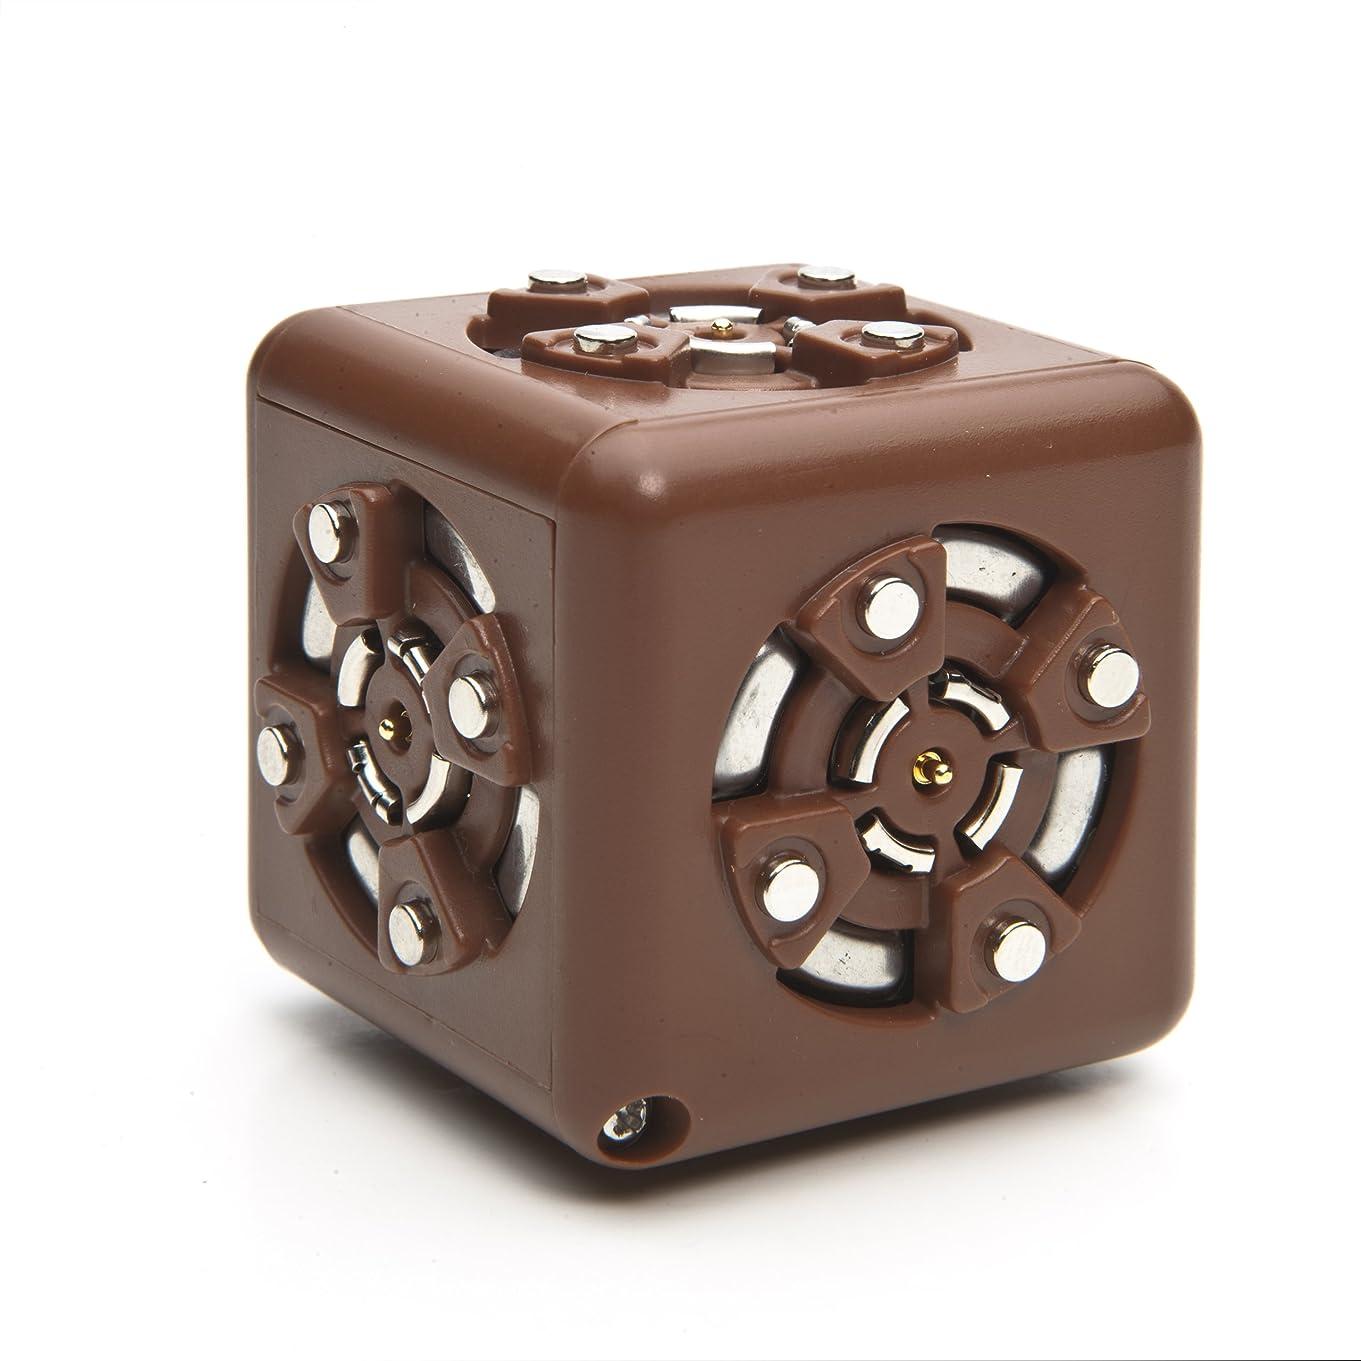 始めるベルで出来ているモジュラーRobotics最大Cubelet